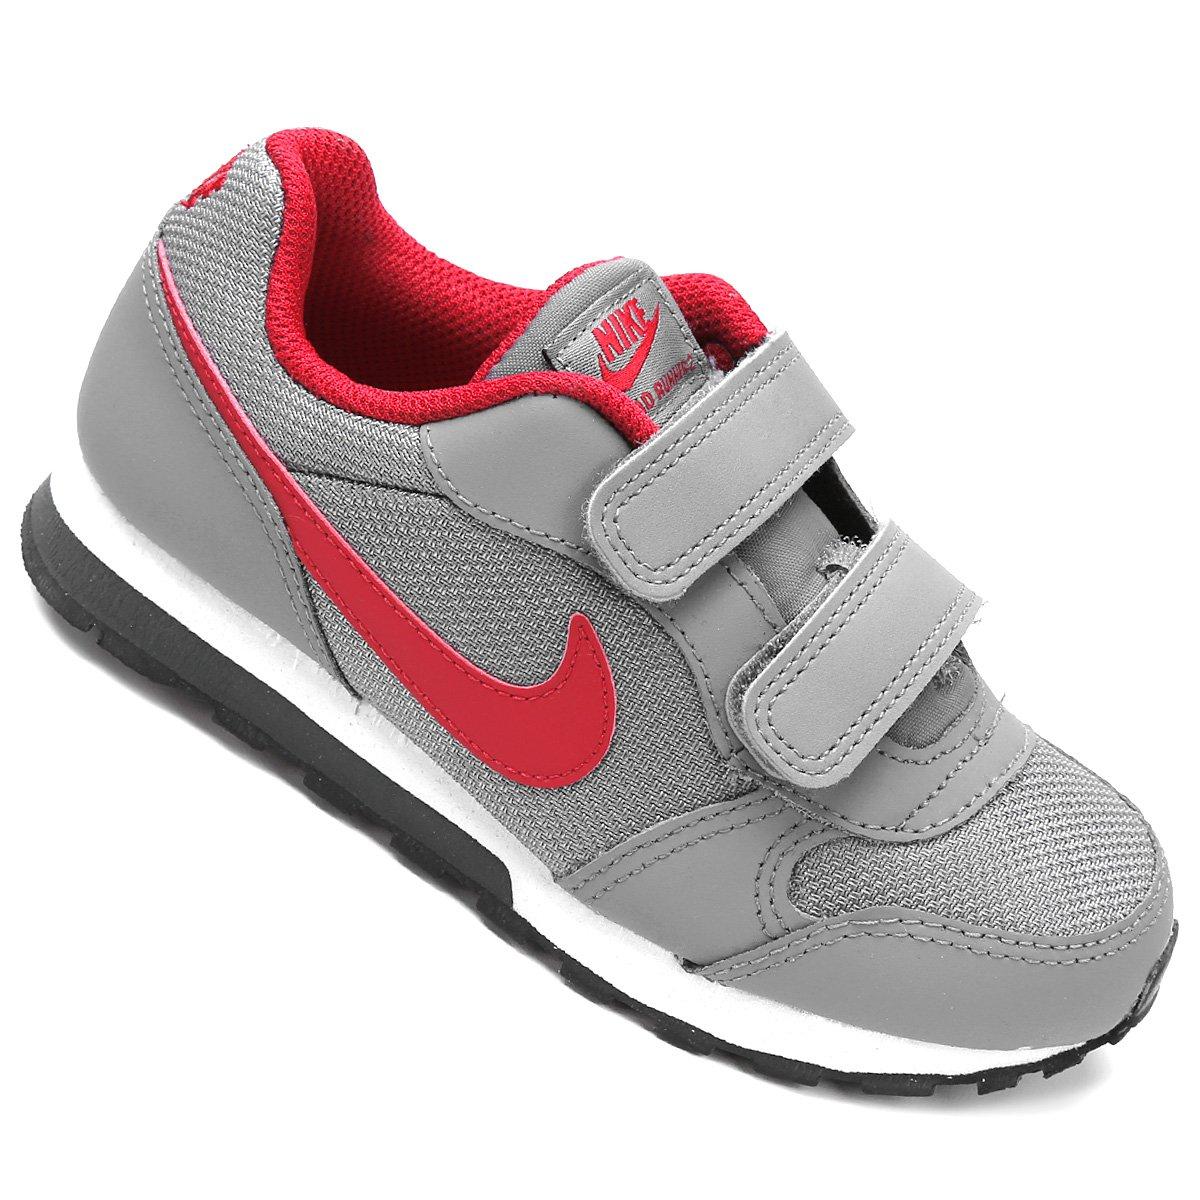 aac9e4e8ddb Tênis Infantil Nike Md Runner 2 - Cinza e Vermelho - Compre Agora ...